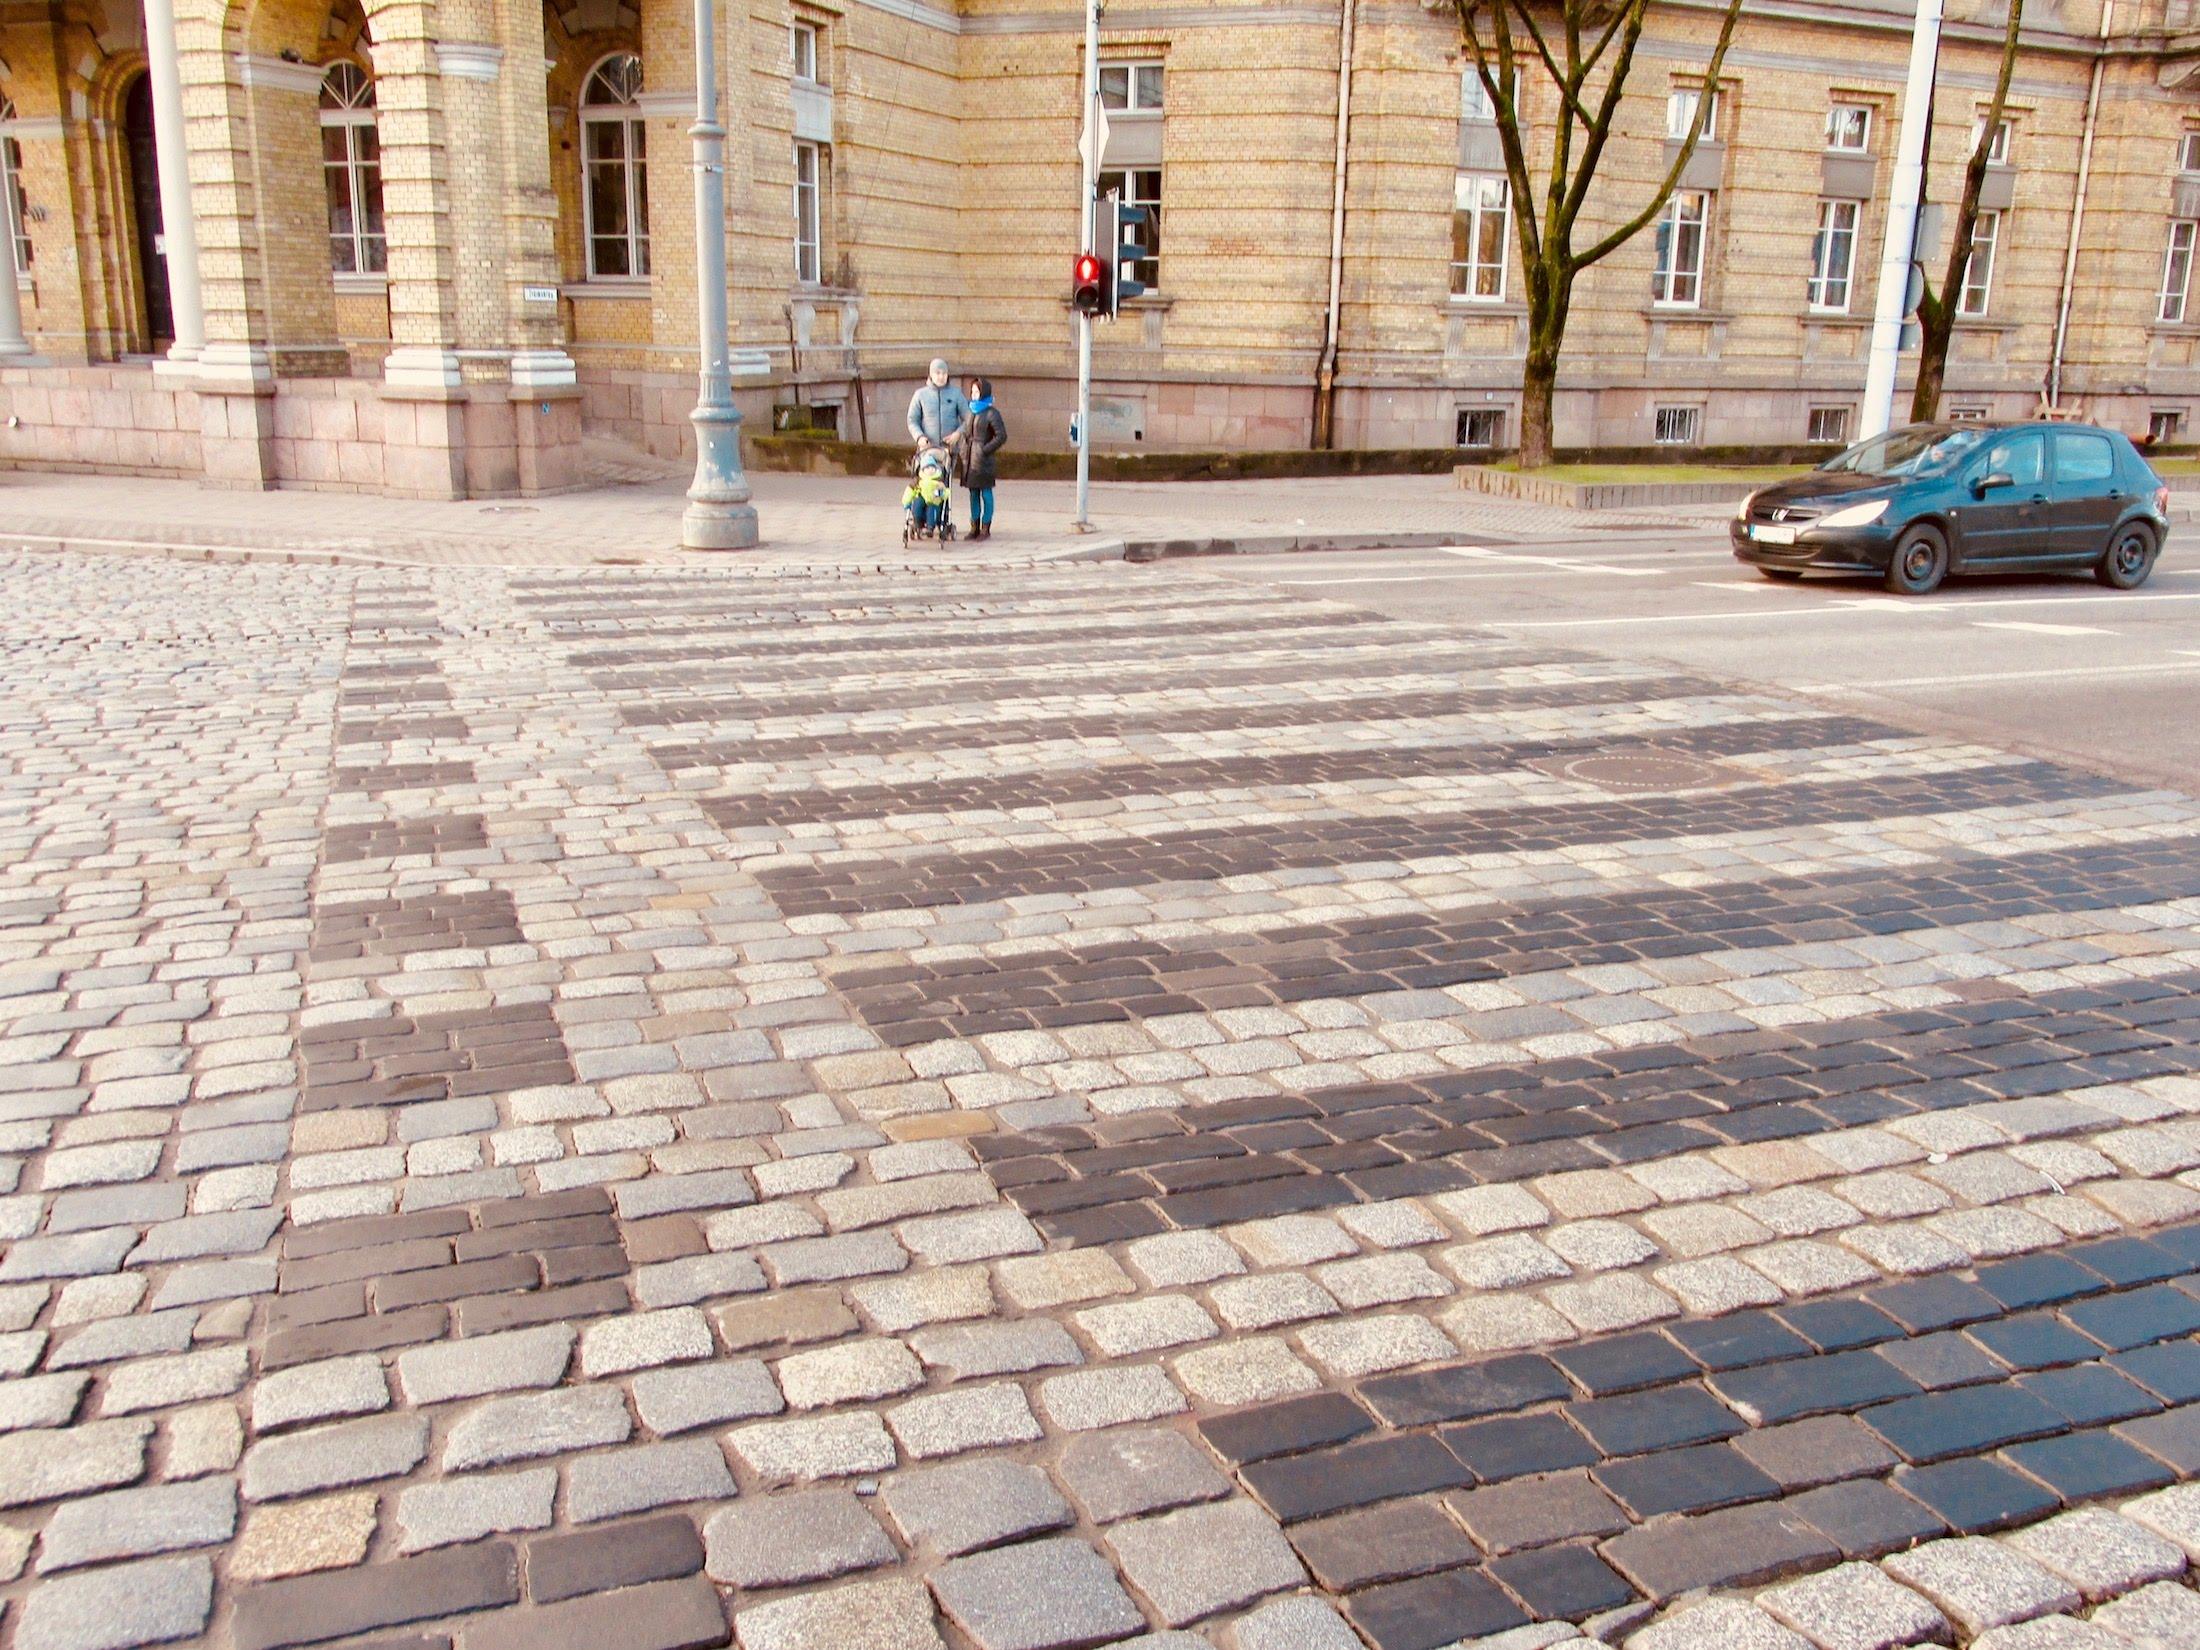 Cobblestone streets in Vilnius